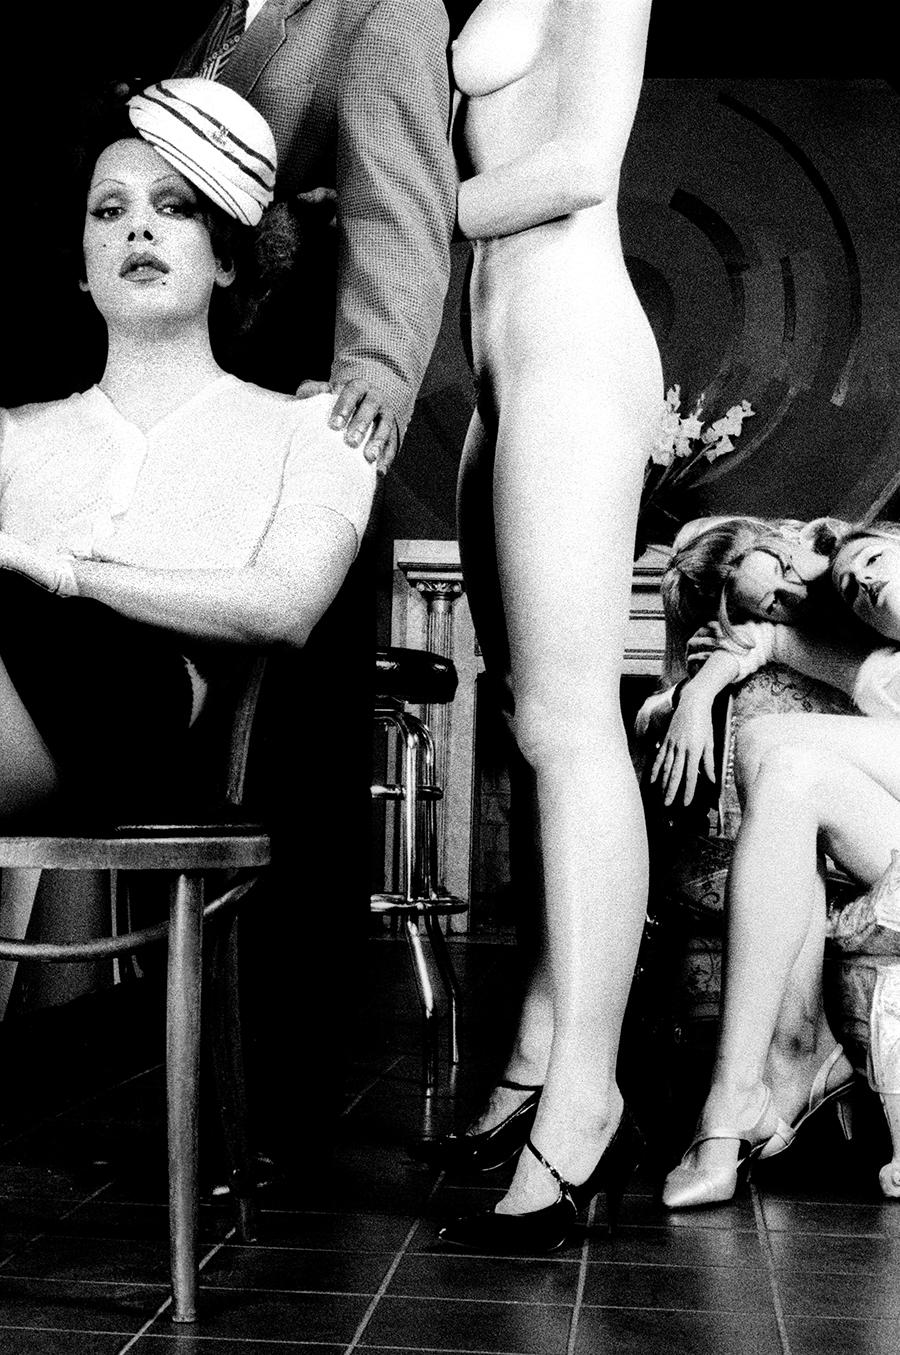 tony_ward_studio_tableaux_vivants_asian_models_dresser_mirror_reflection_obesity_vanity_queen_nudes_erotica